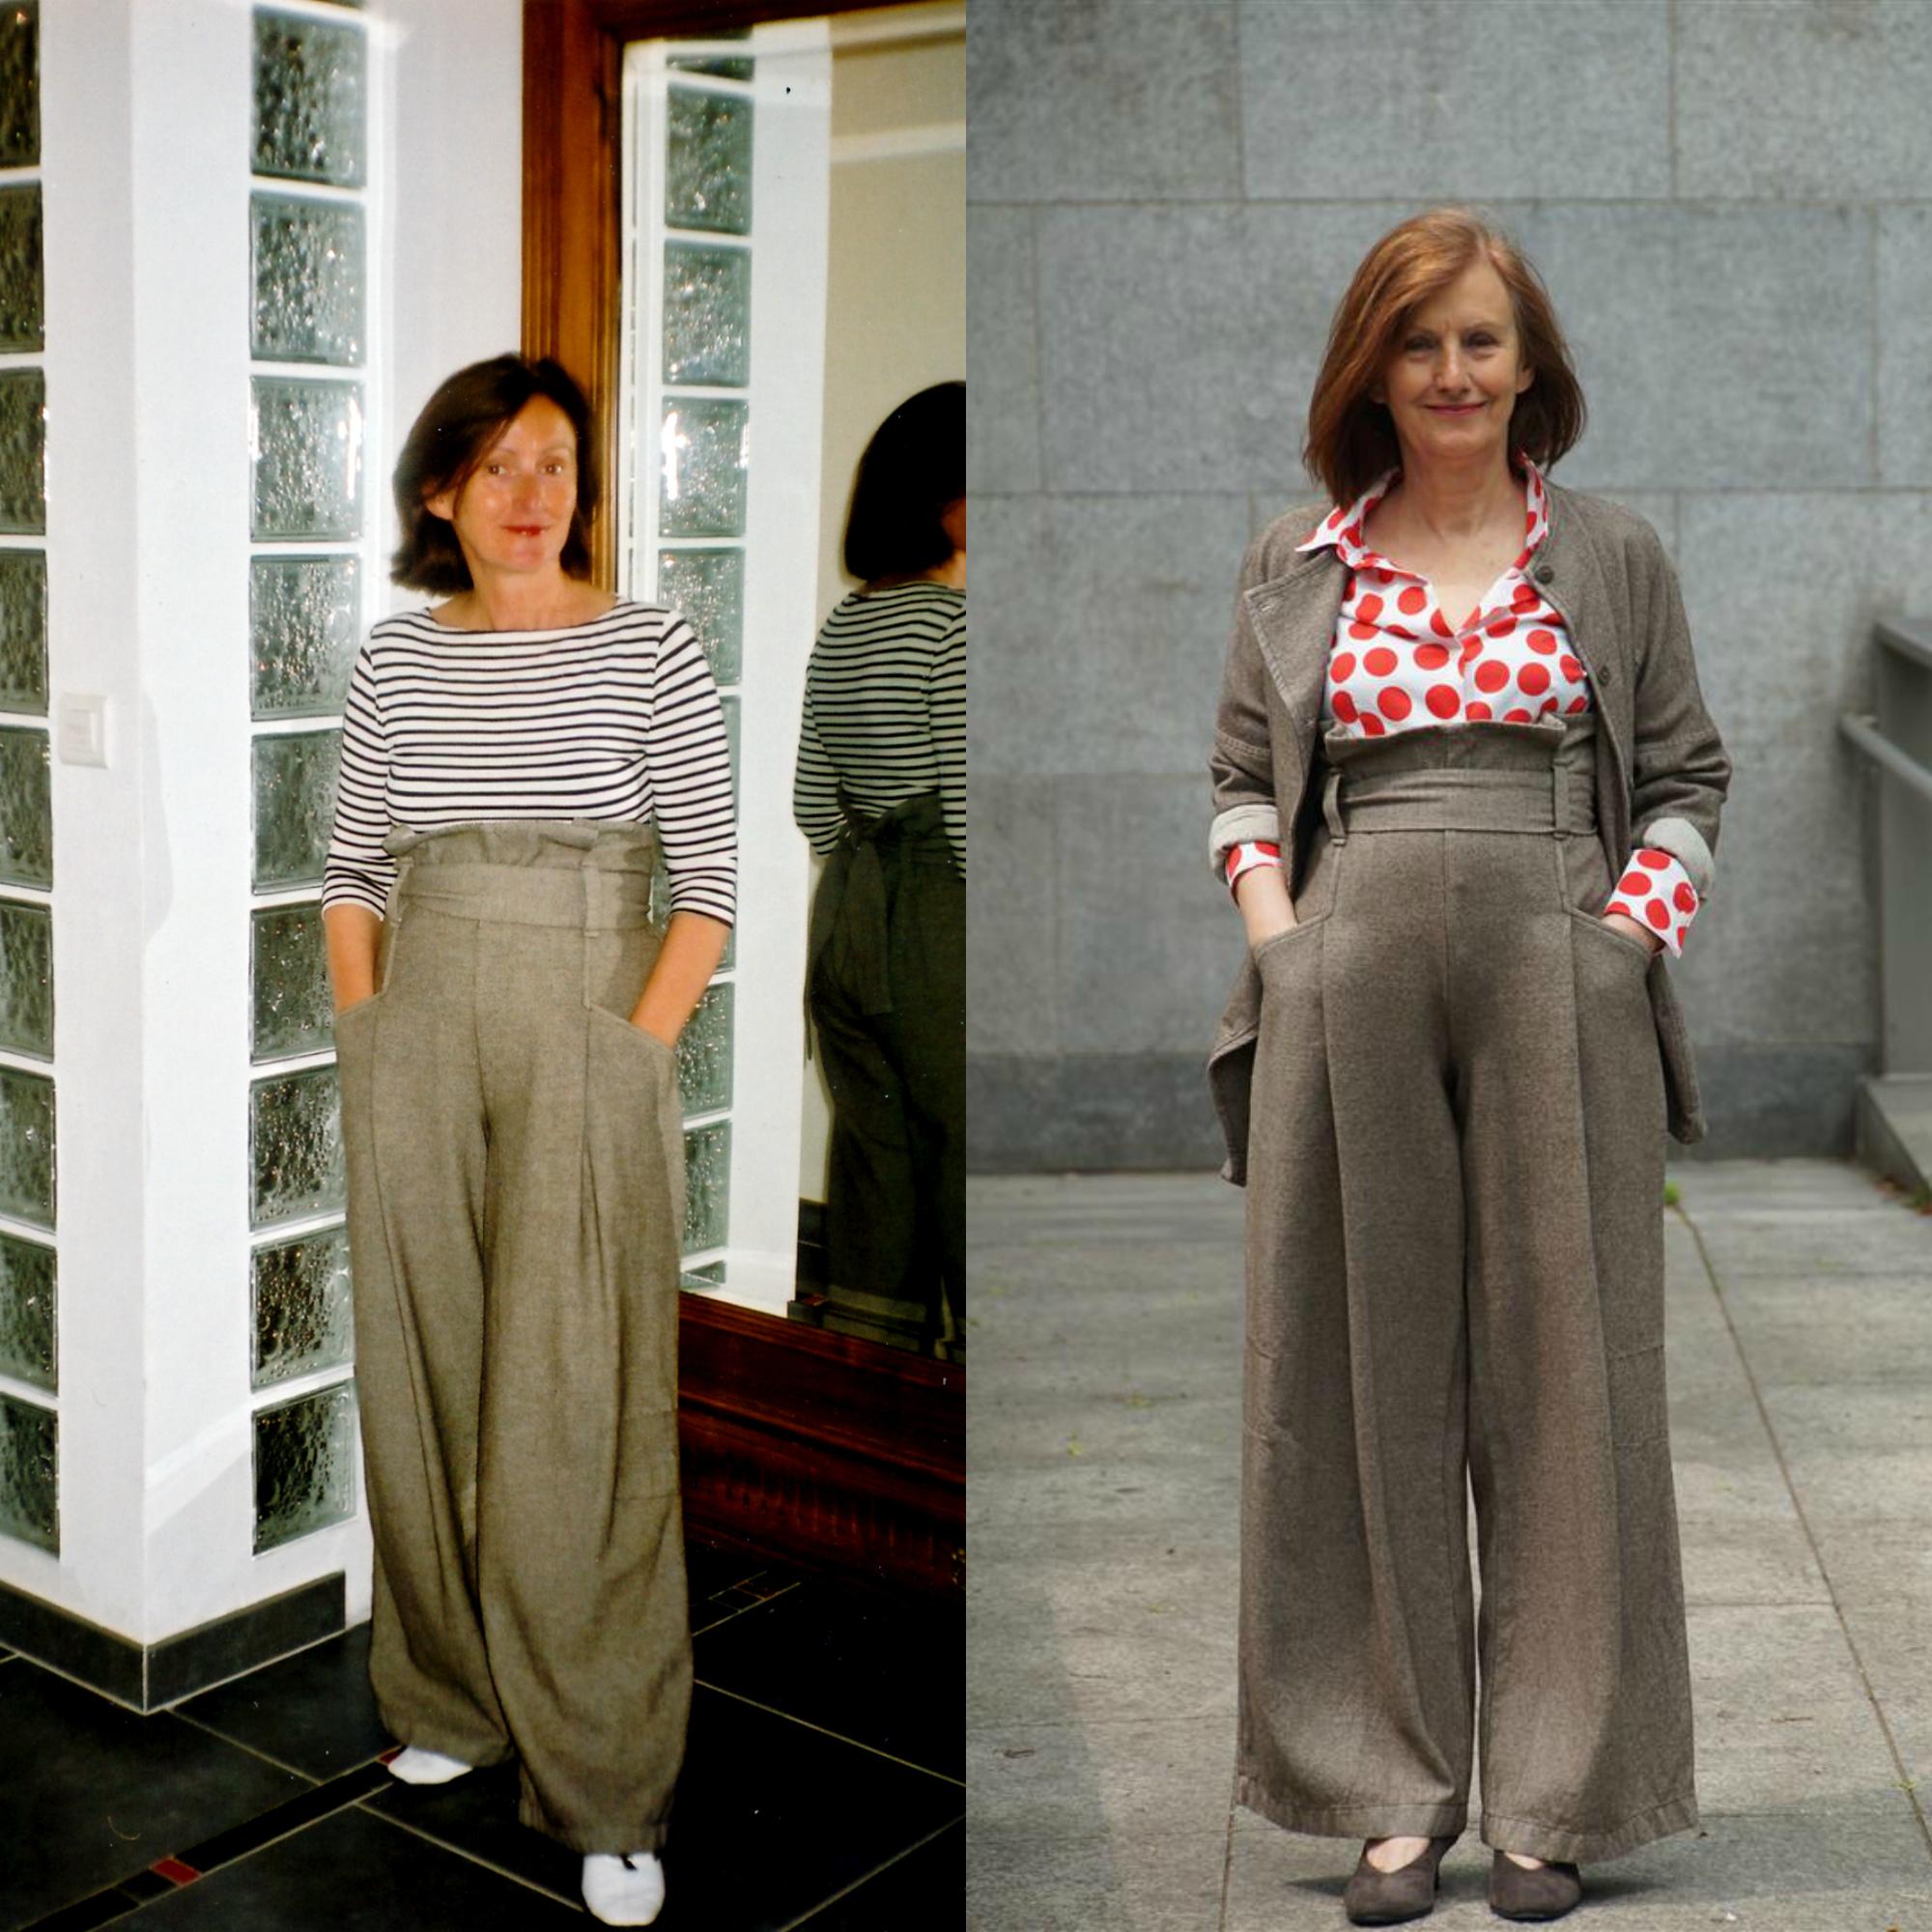 Frauen 60plus: Kleider fürs Leben